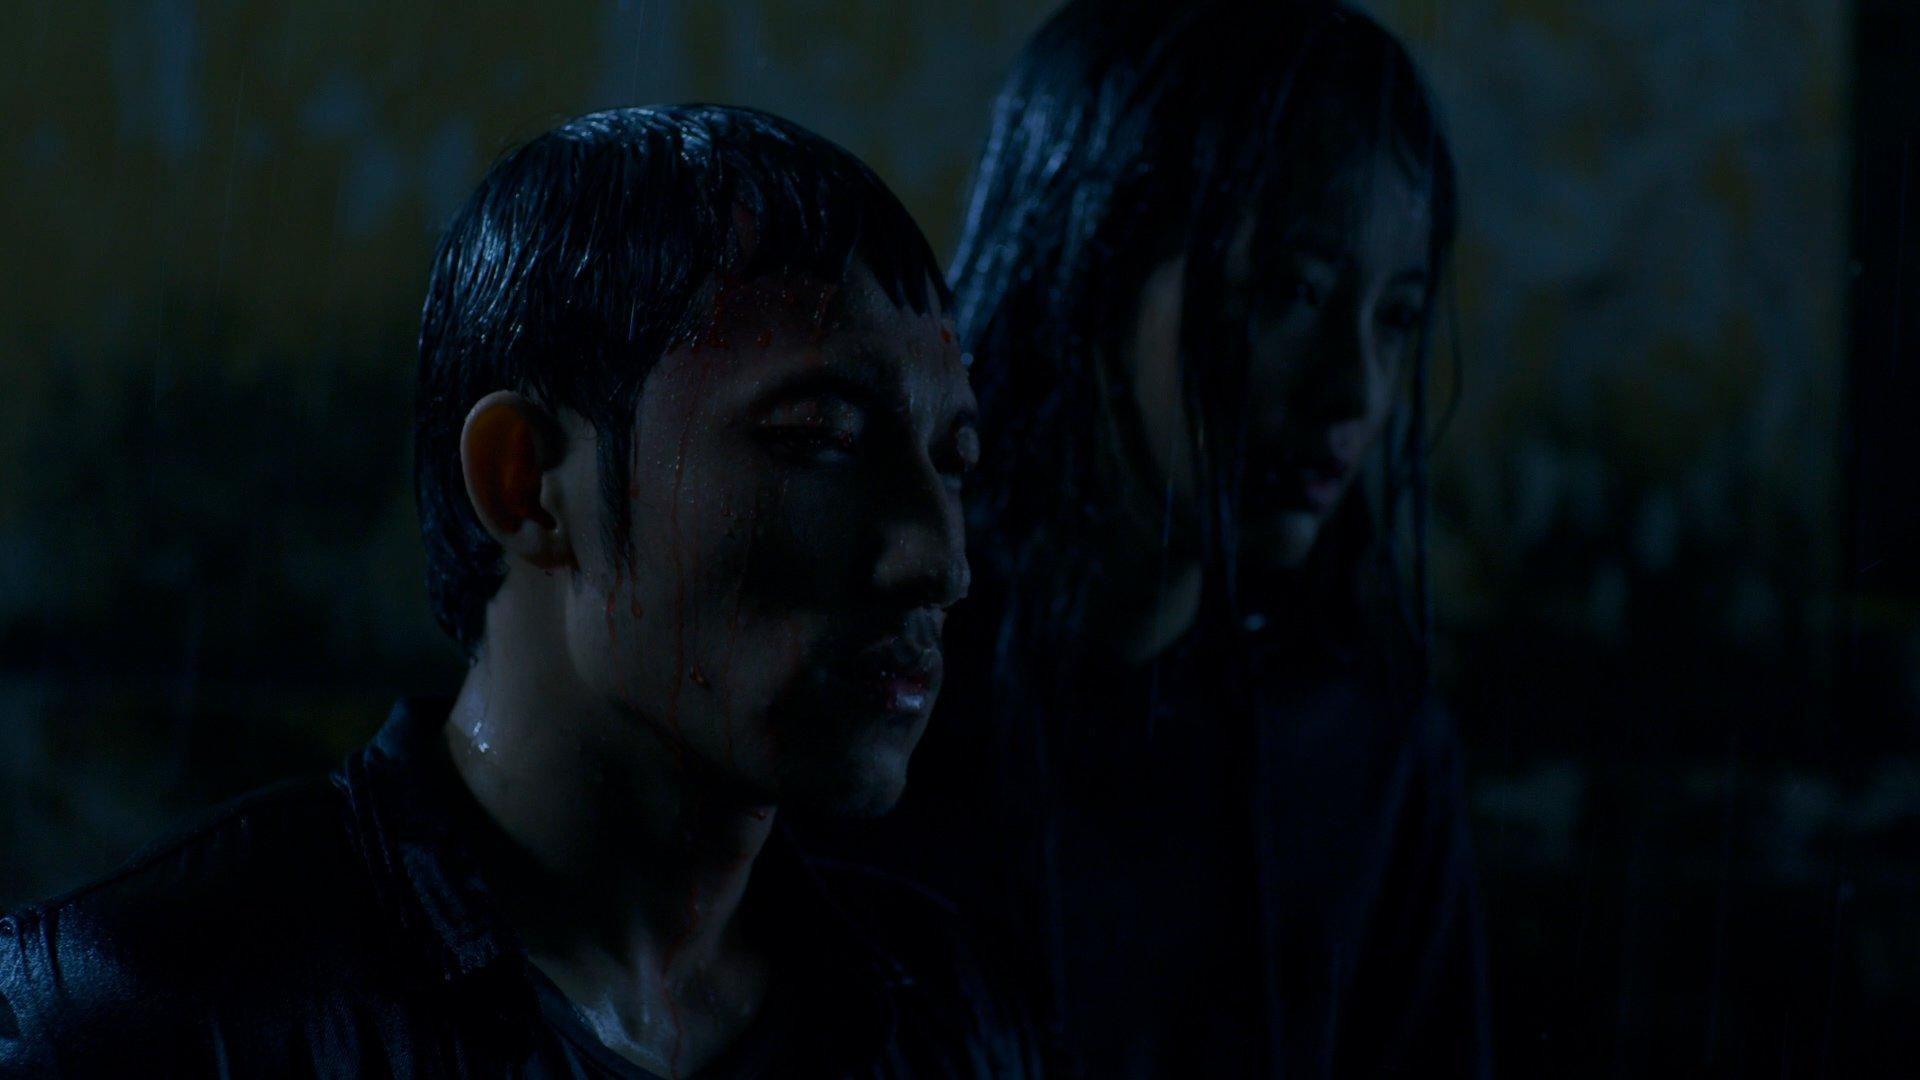 Liên Bỉnh Phát – Yu Dương lần đầu nên duyên trong phim điện ảnh kinh dị chiếu mạng - hình ảnh 2